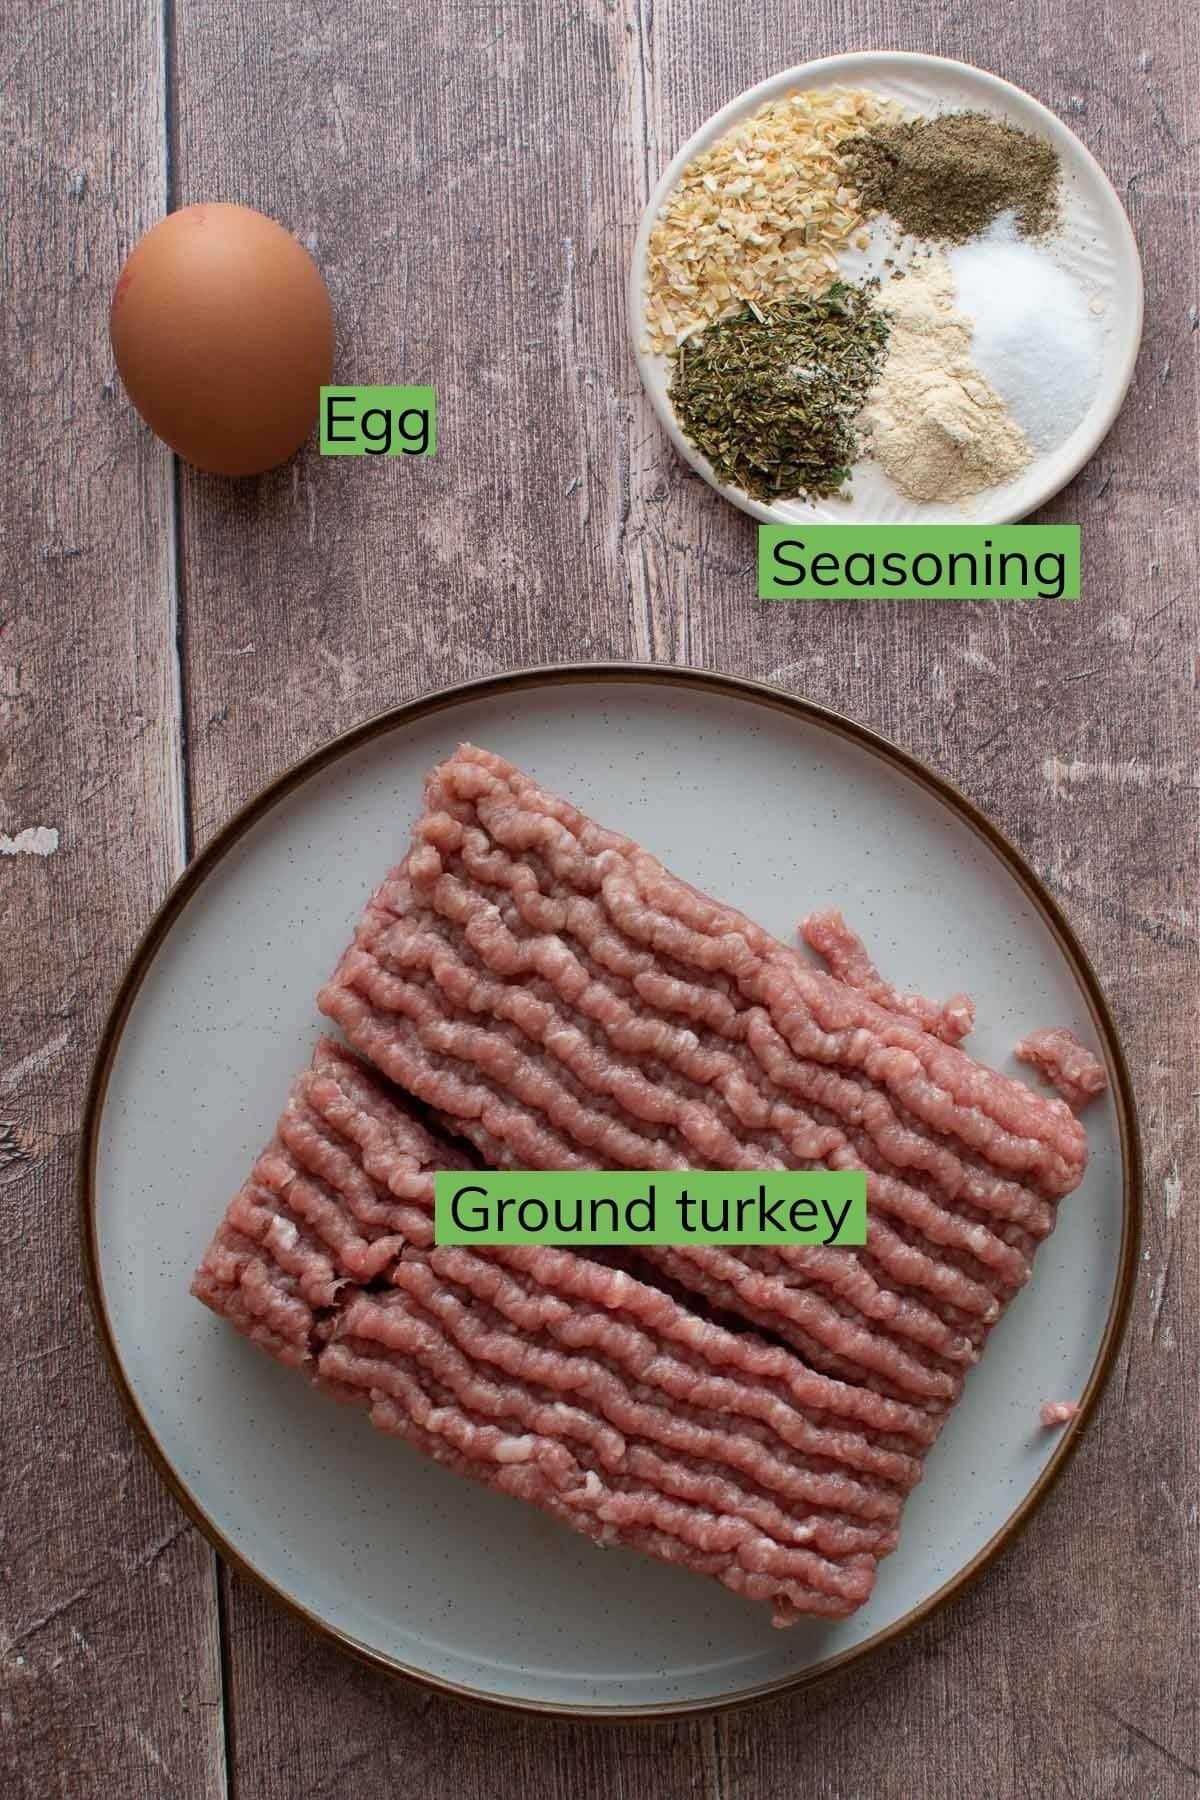 Ground turkey burger ingredients.